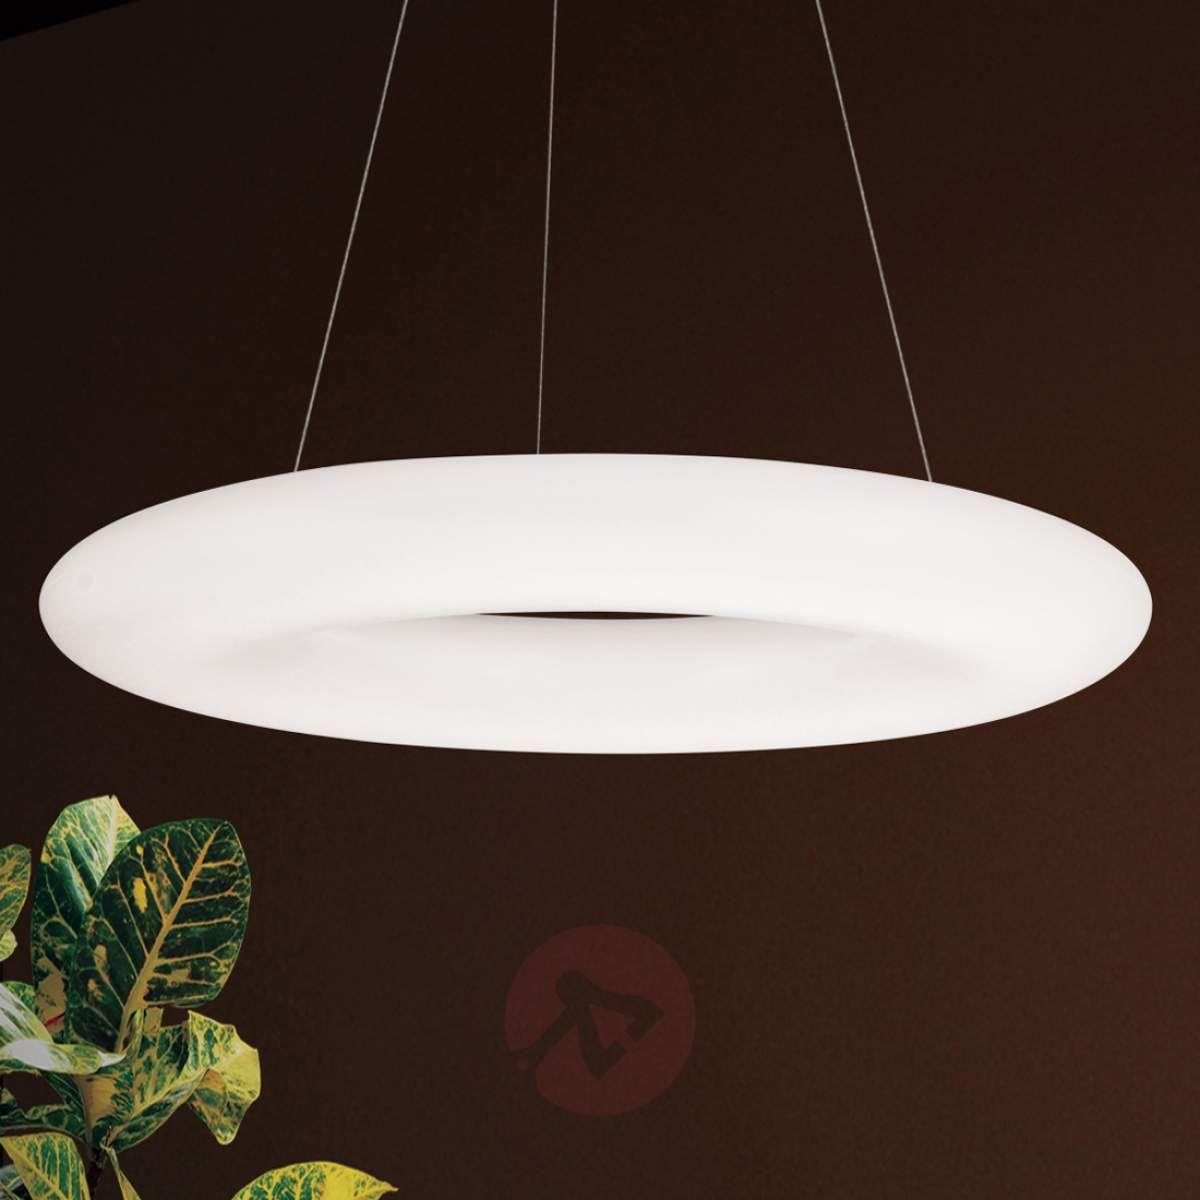 Lampa Wiszaca Led Yana O Ksztalcie Obreczy Light Fixtures Lamp Decor